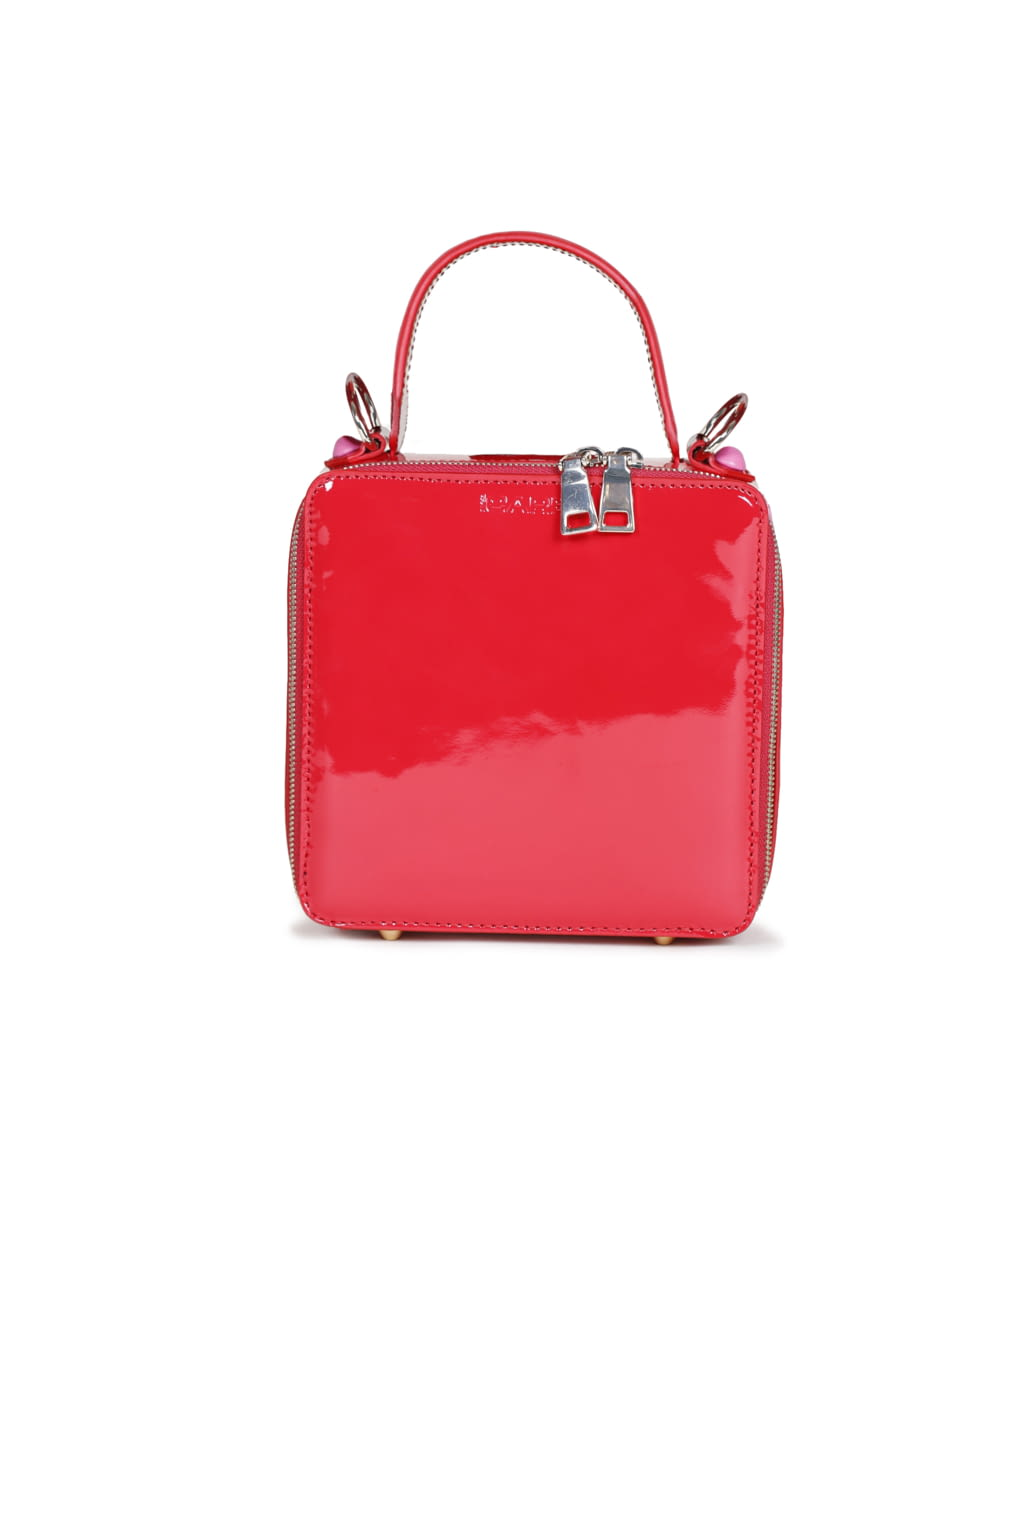 Fashion Week Paris Spring/Summer 2020 look 35 de la collection Carel womenswear accessories